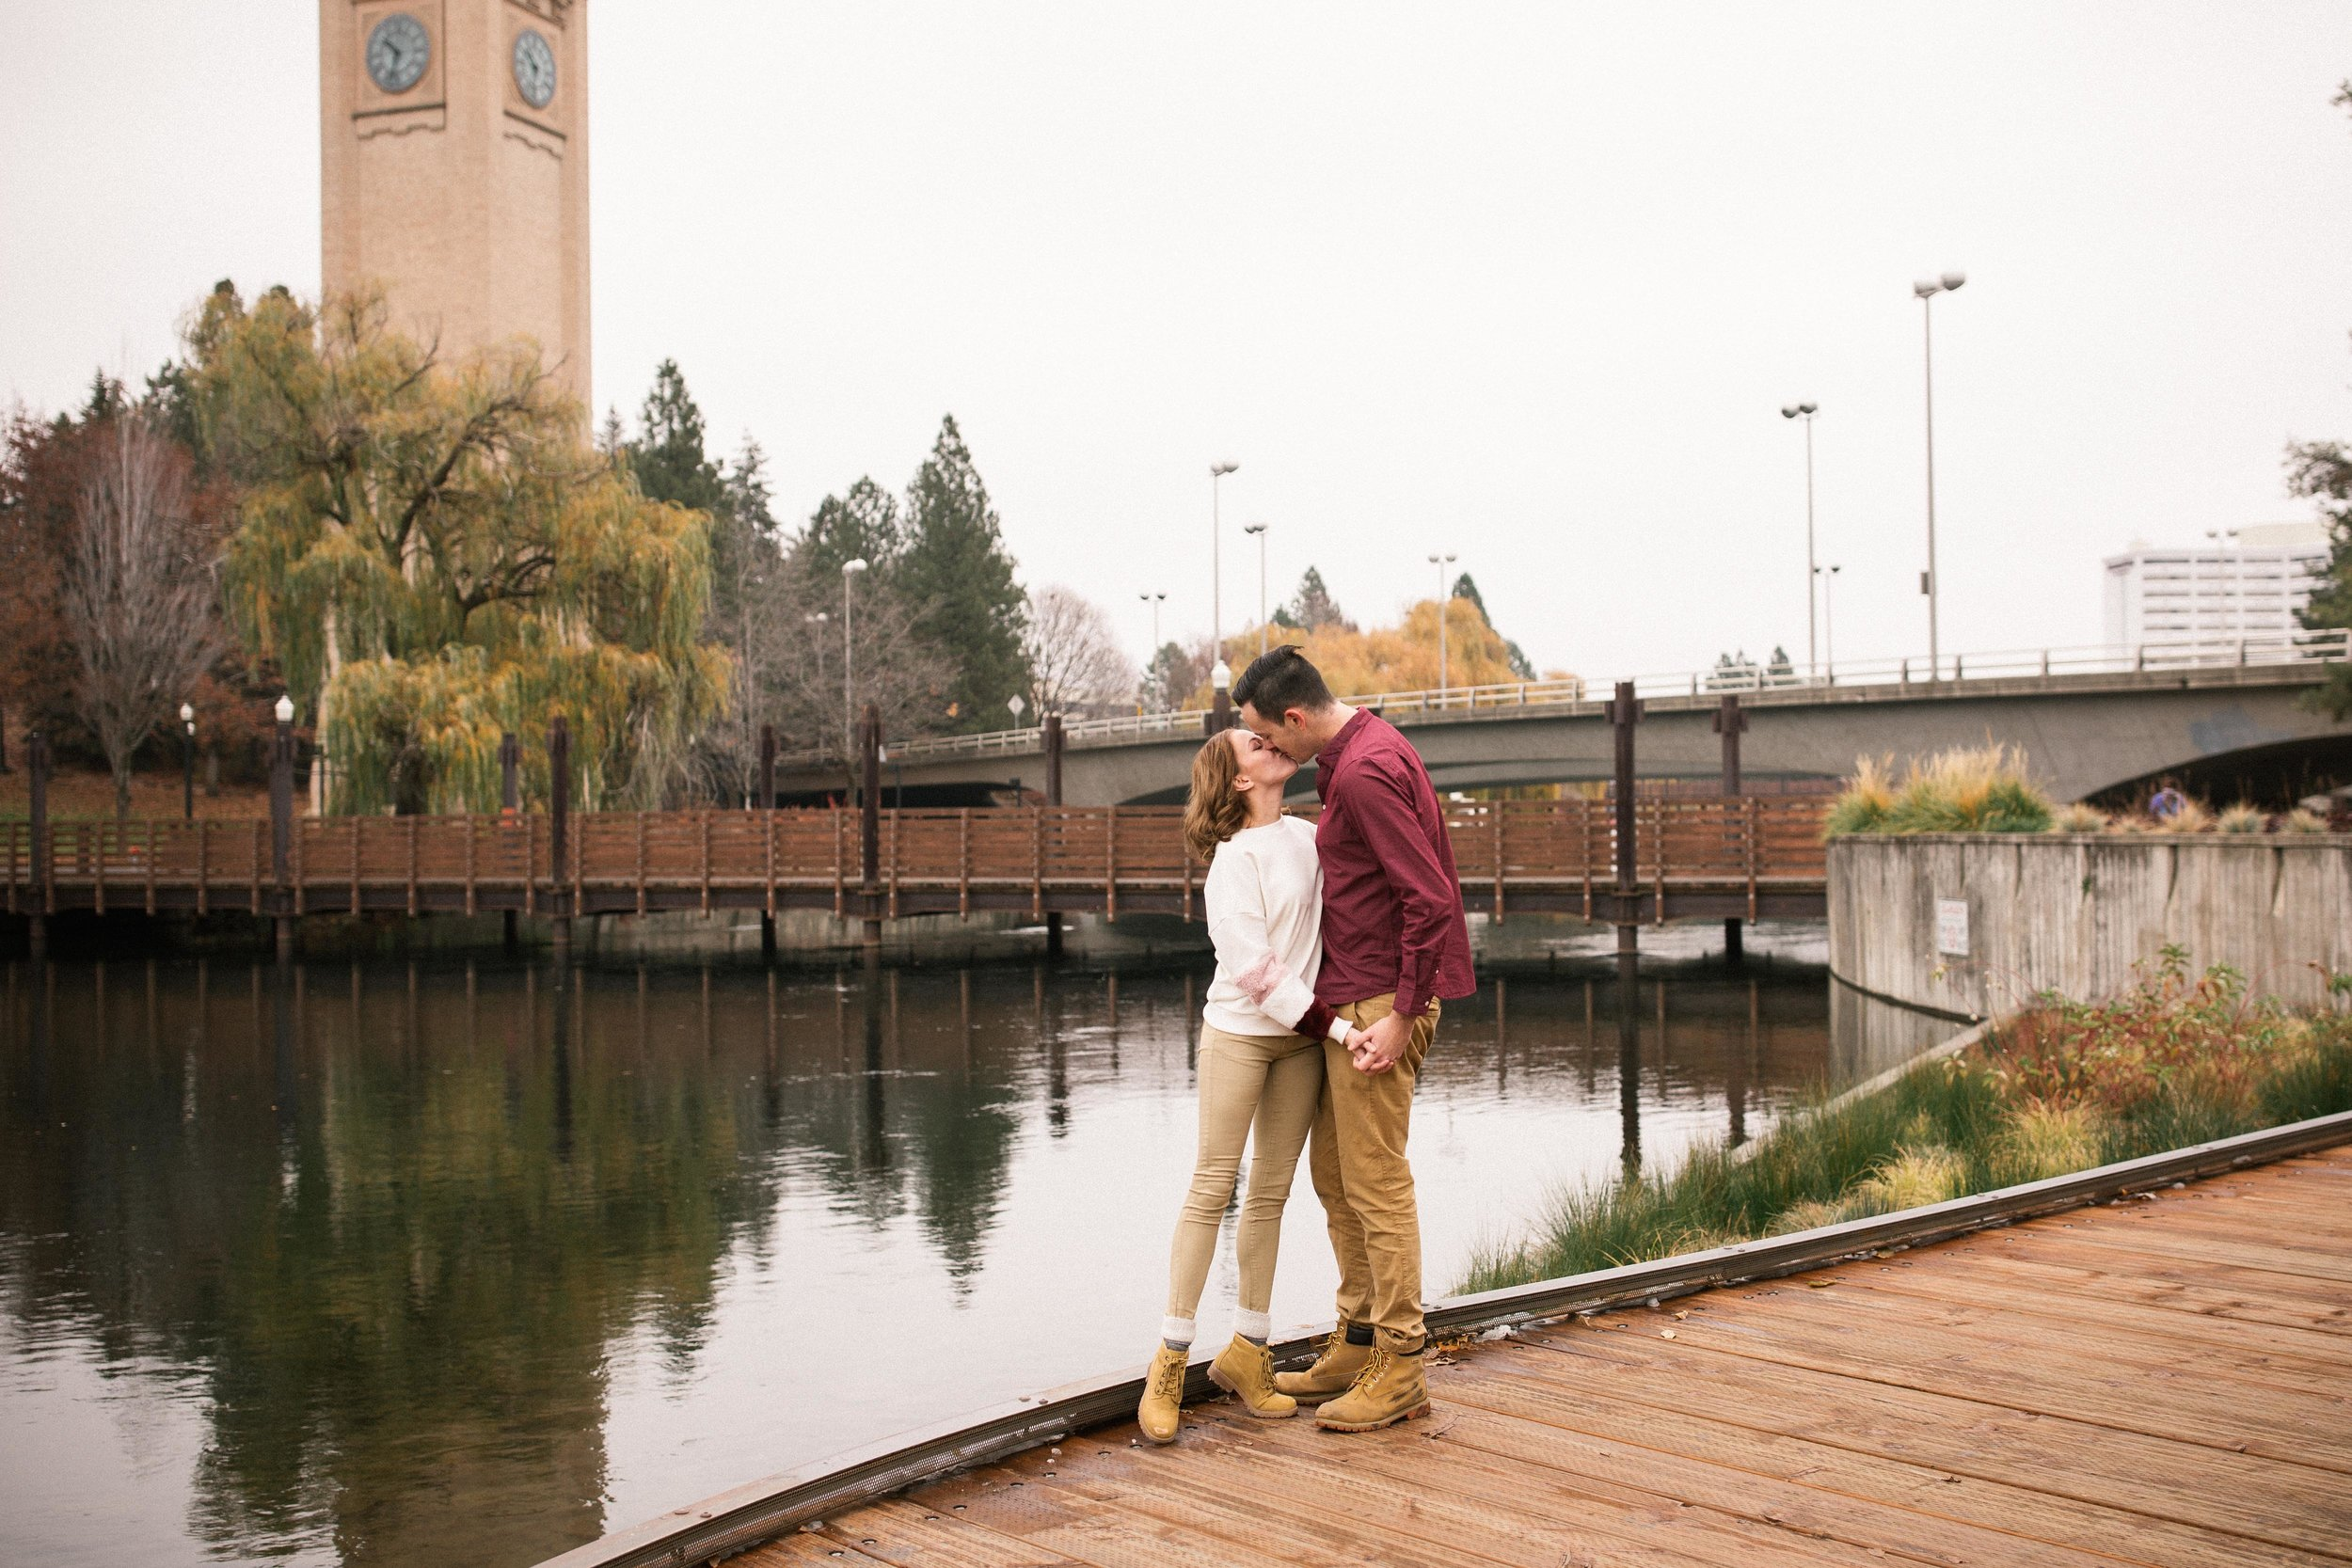 Izzy&Jacob-Engaged!BLOG-9.jpg